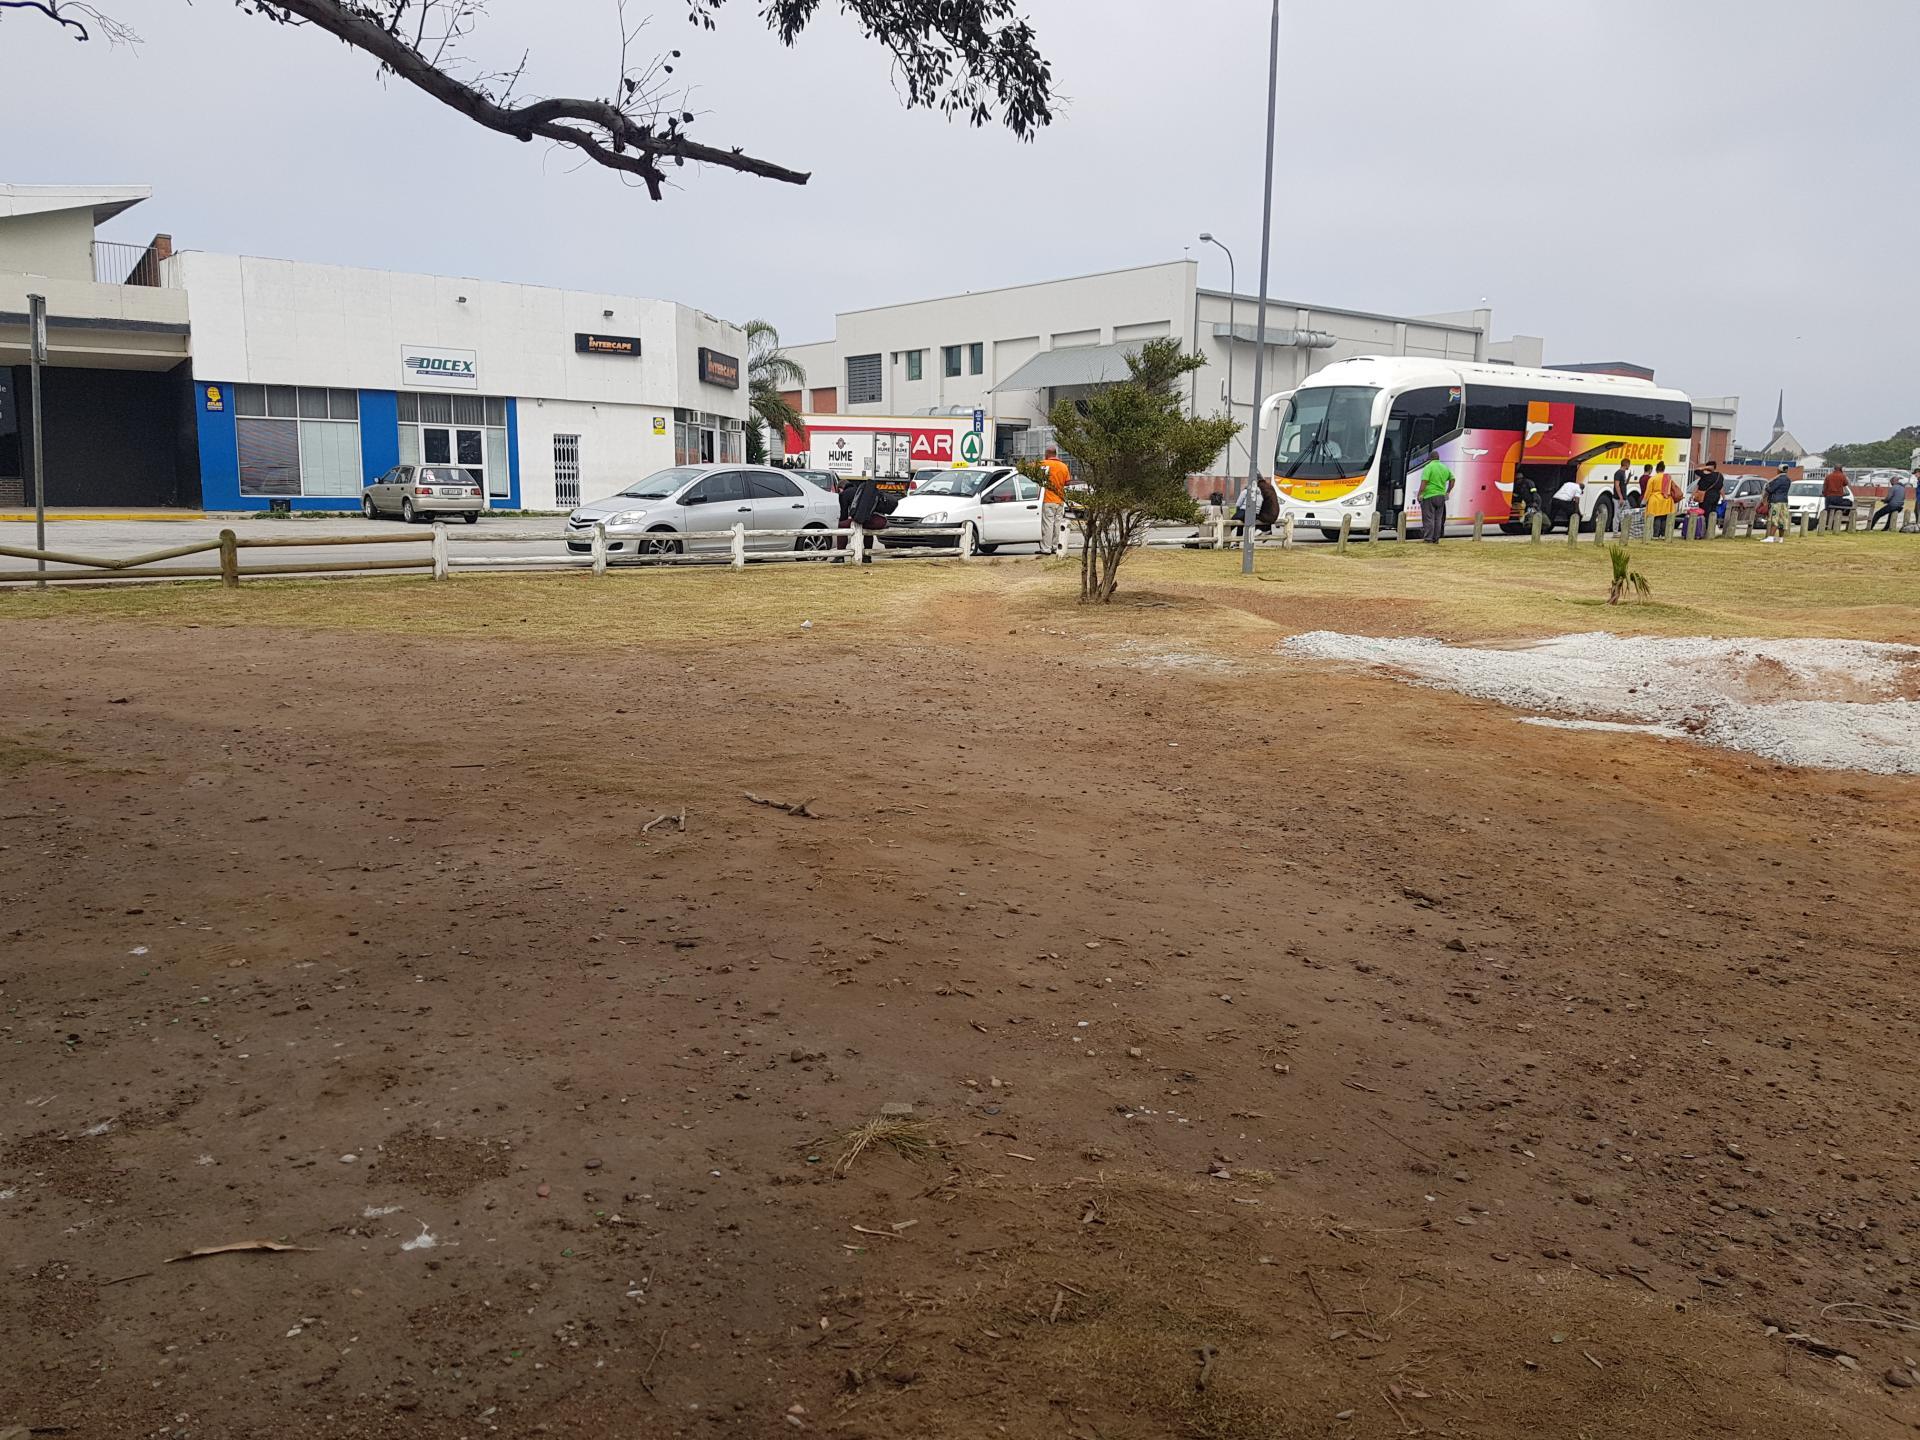 автобусная остановка в Порт-Элизабет